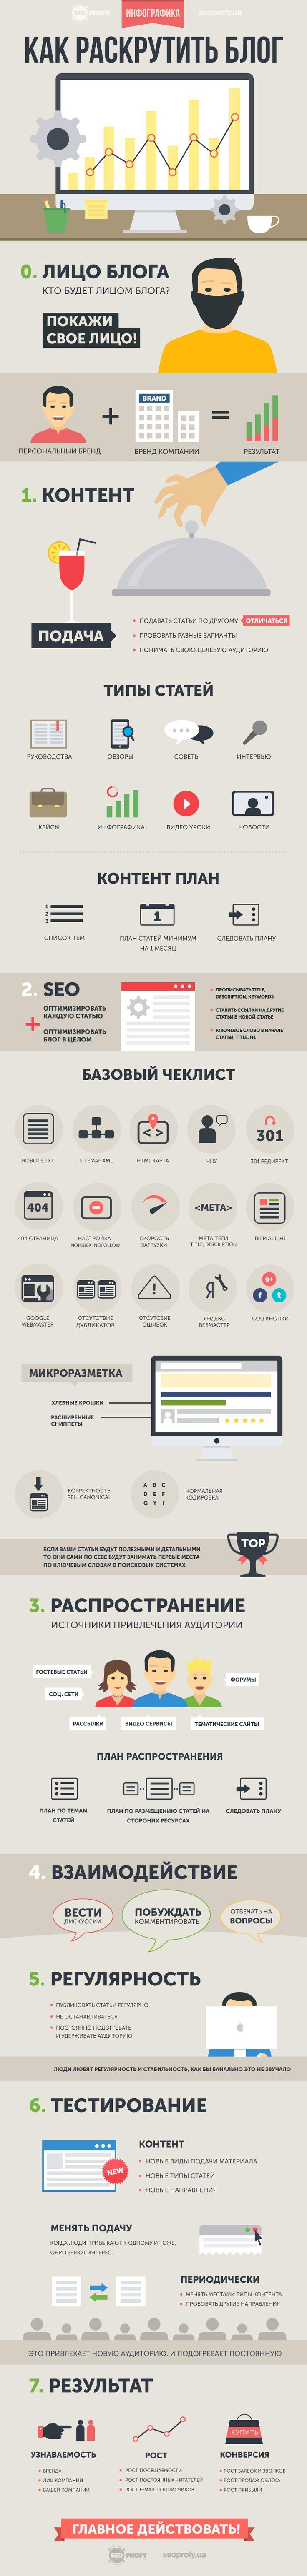 kak-raskrutit-blog.png (800×6719)